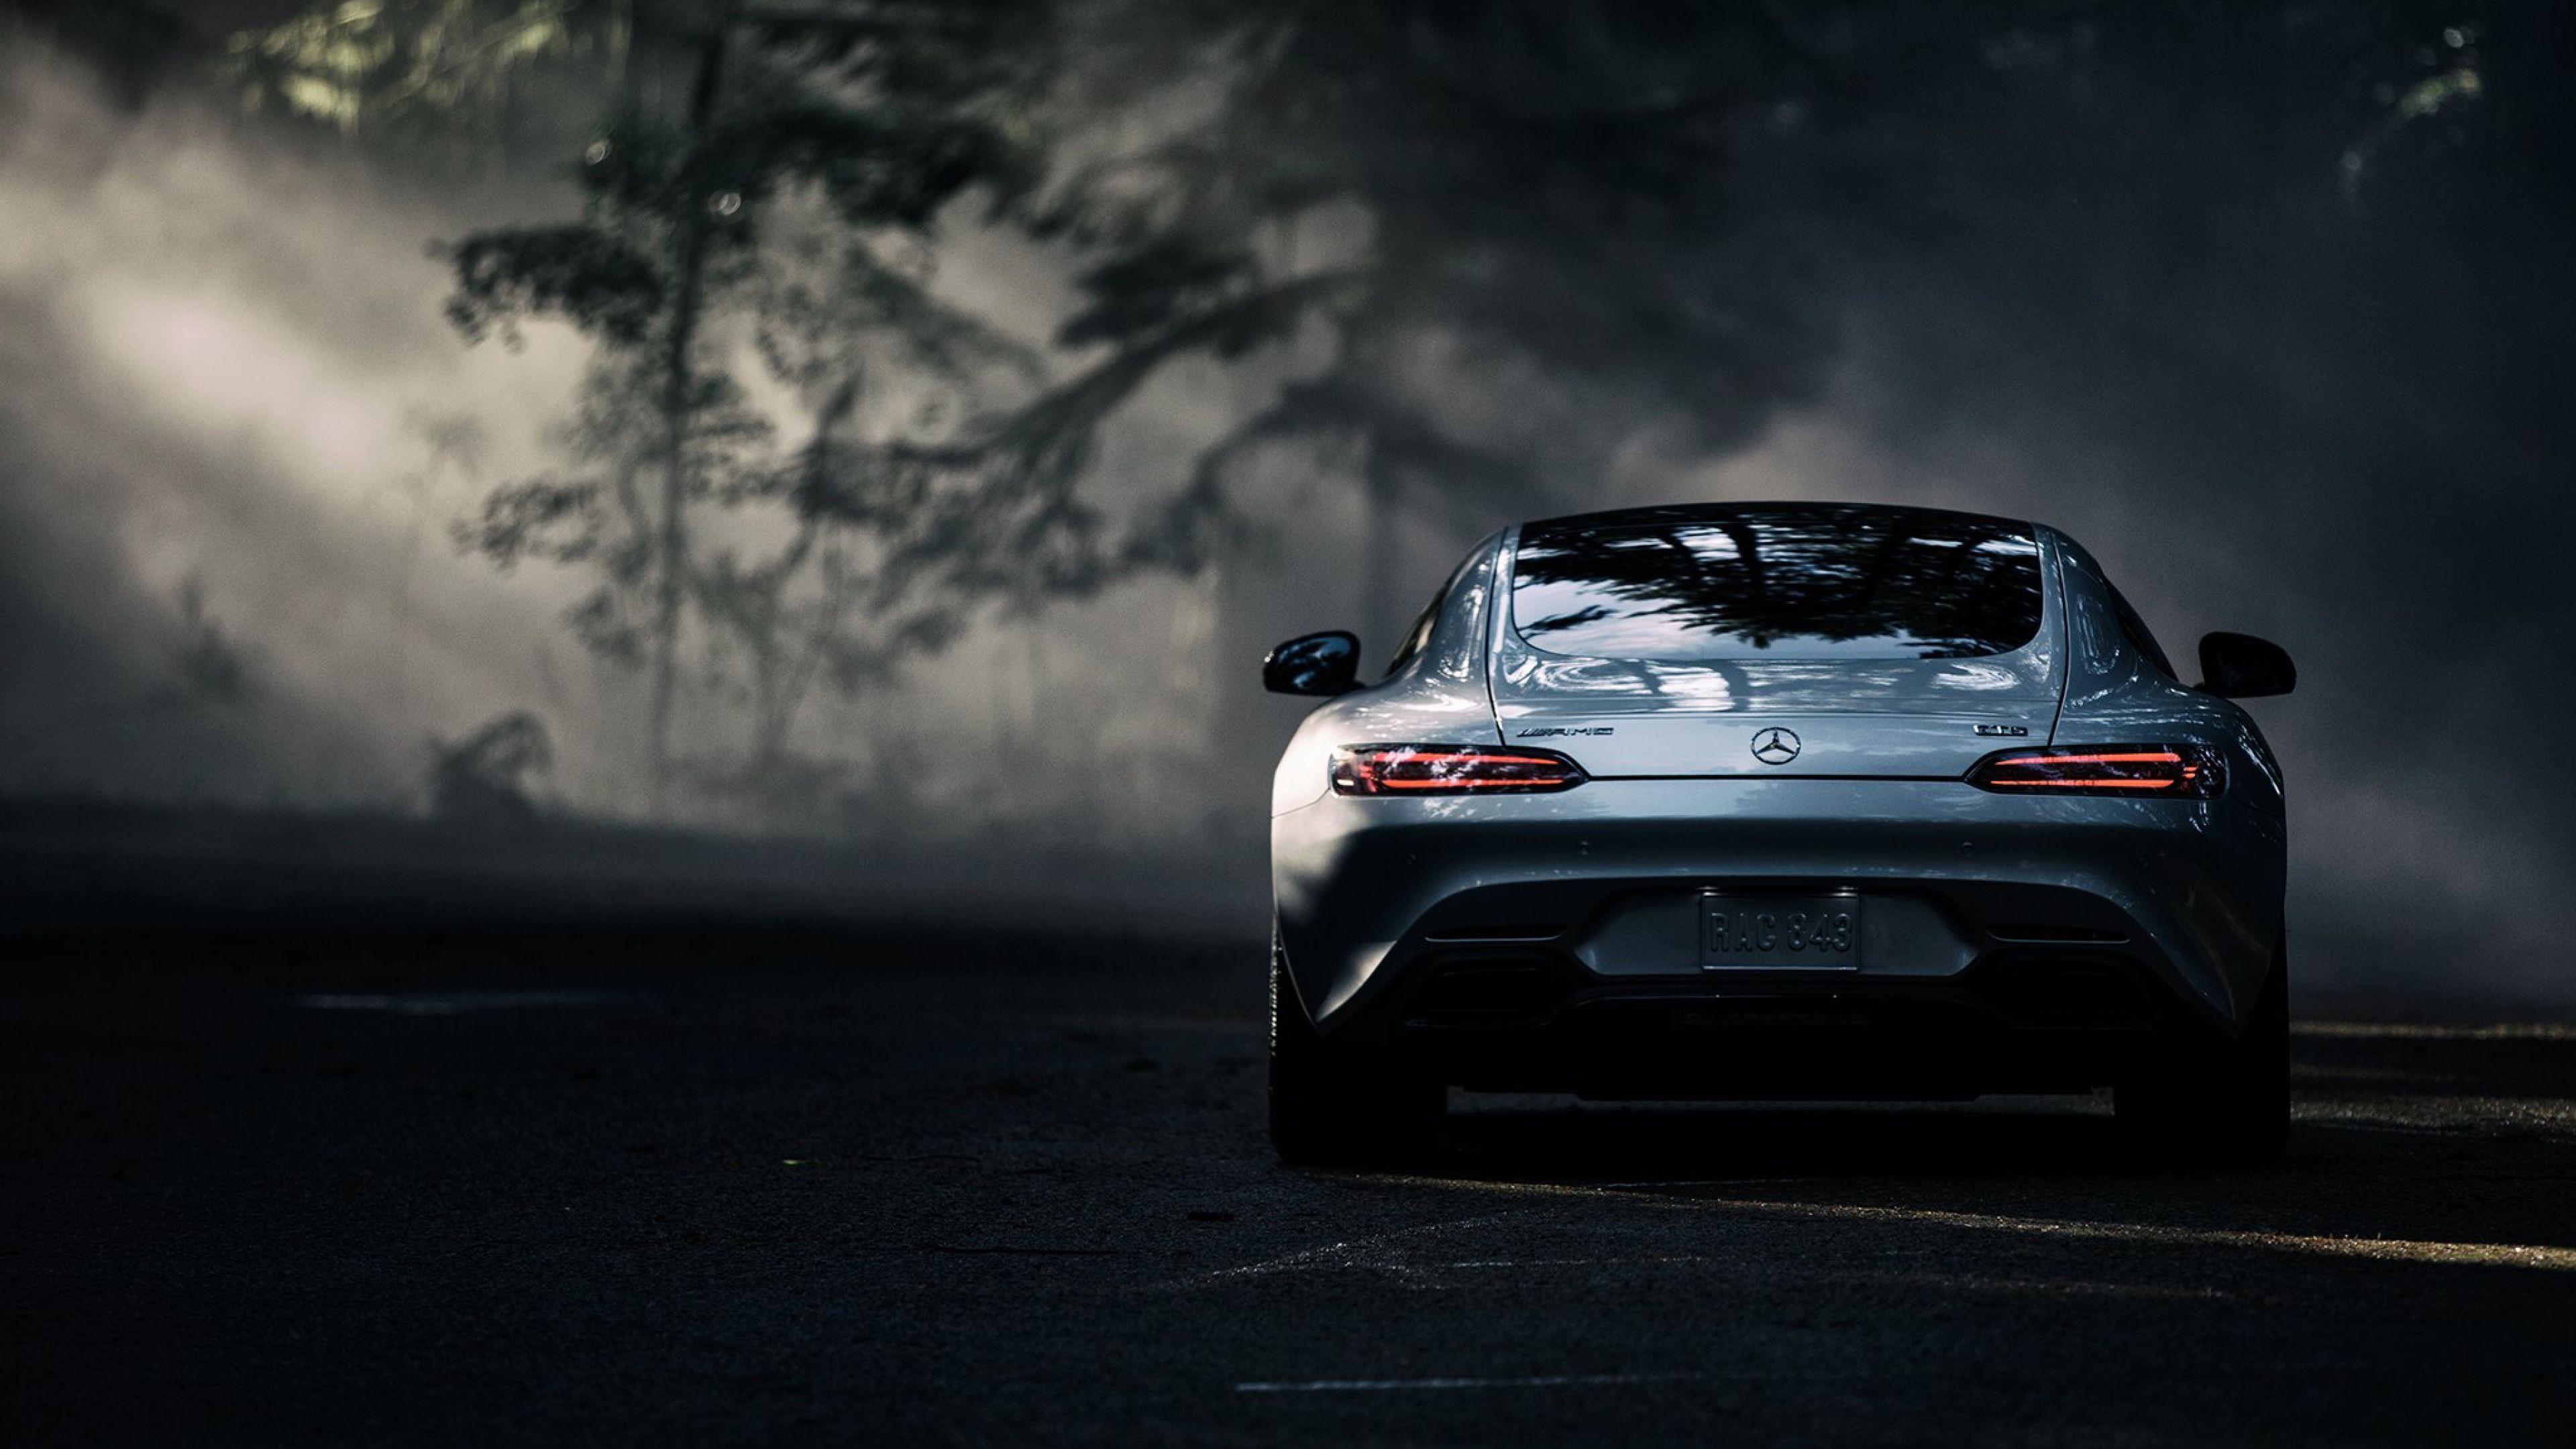 4K Ultra HD Mercedes-benz Wallpapers HD, Desktop Backgrounds ...